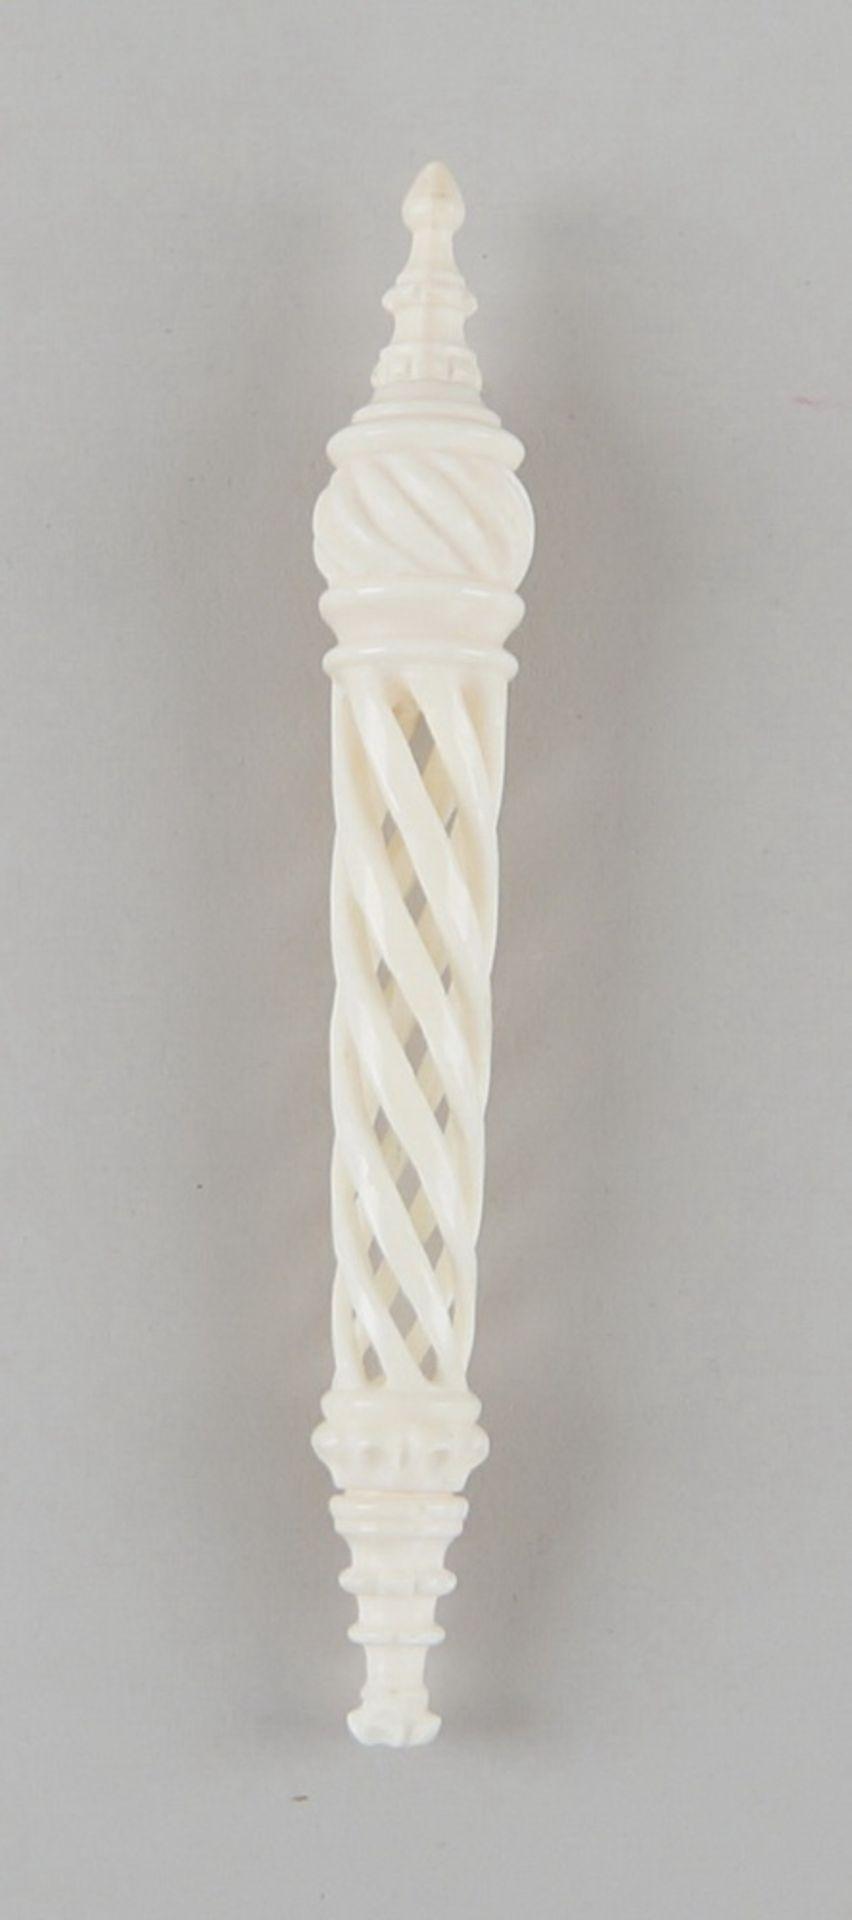 Los 30 - Fein geschnitzter Nadelhalter aus Elfenbein, 19. JH, L 13,5cm